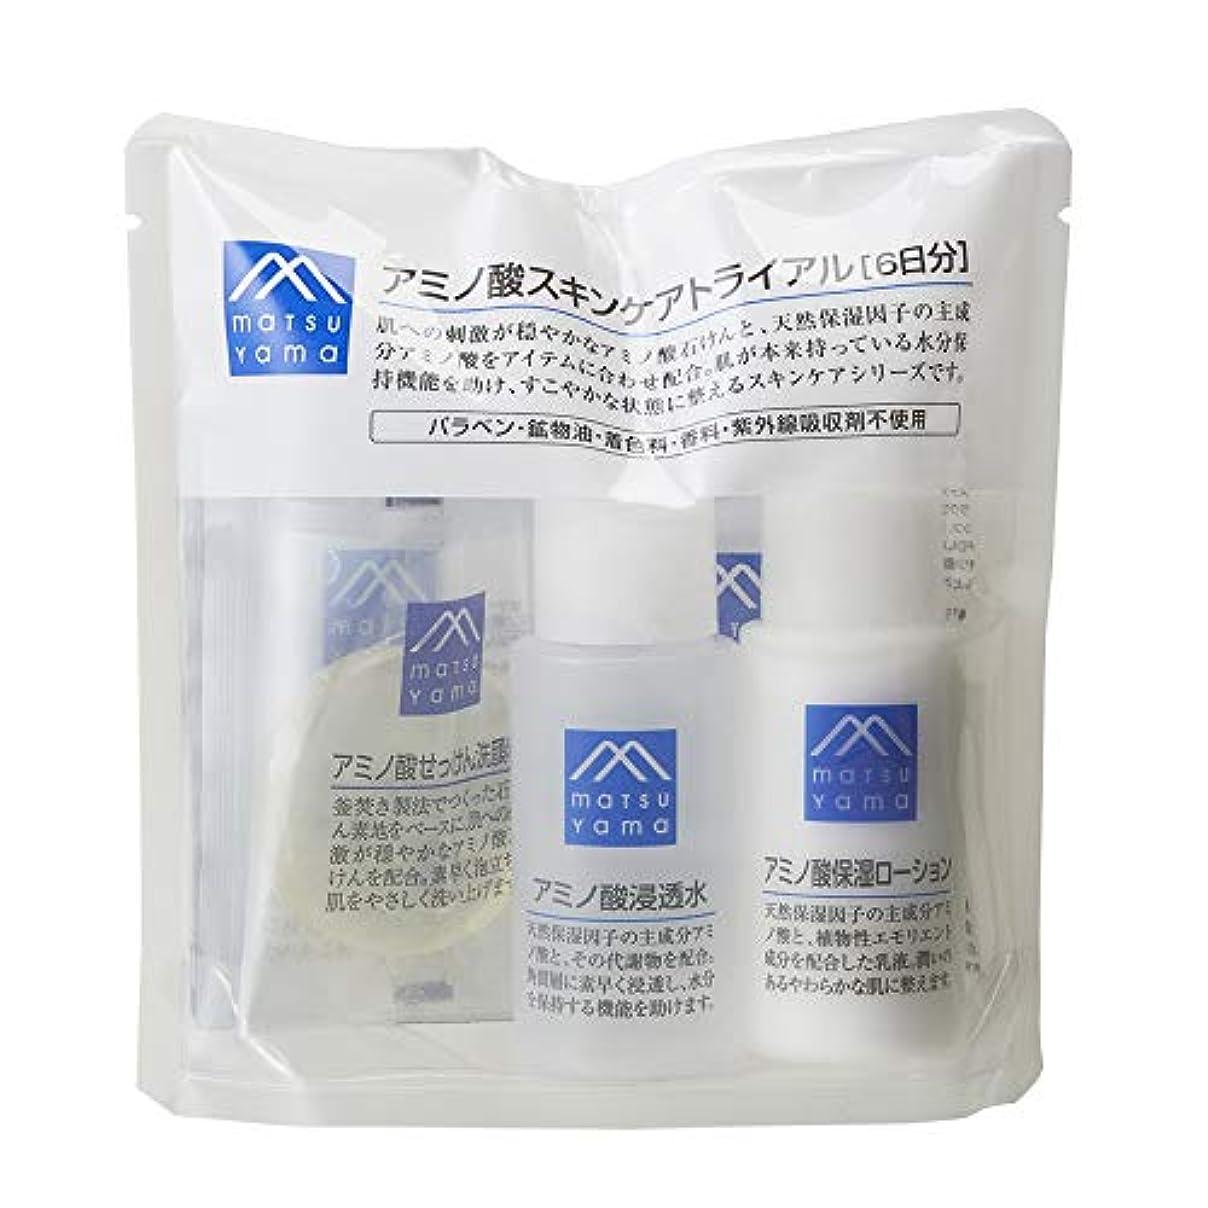 きらきらではごきげんようまとめるMマーク(M-mark) アミノ酸スキンケアトライアル セット アミノ酸せっけん洗顔料(枠練り石けん)標準重量12g×1個/アミノ酸せっけん洗顔フォーム(洗顔フォーム)2g×2包/アミノ酸浸透水(化粧水)30mL×1本/アミノ酸浸透ジェル(保湿液)3mL×2包/アミノ酸保湿ローション(乳液)30mL×1本/アミノ酸日焼け止め乳液3mL×2包